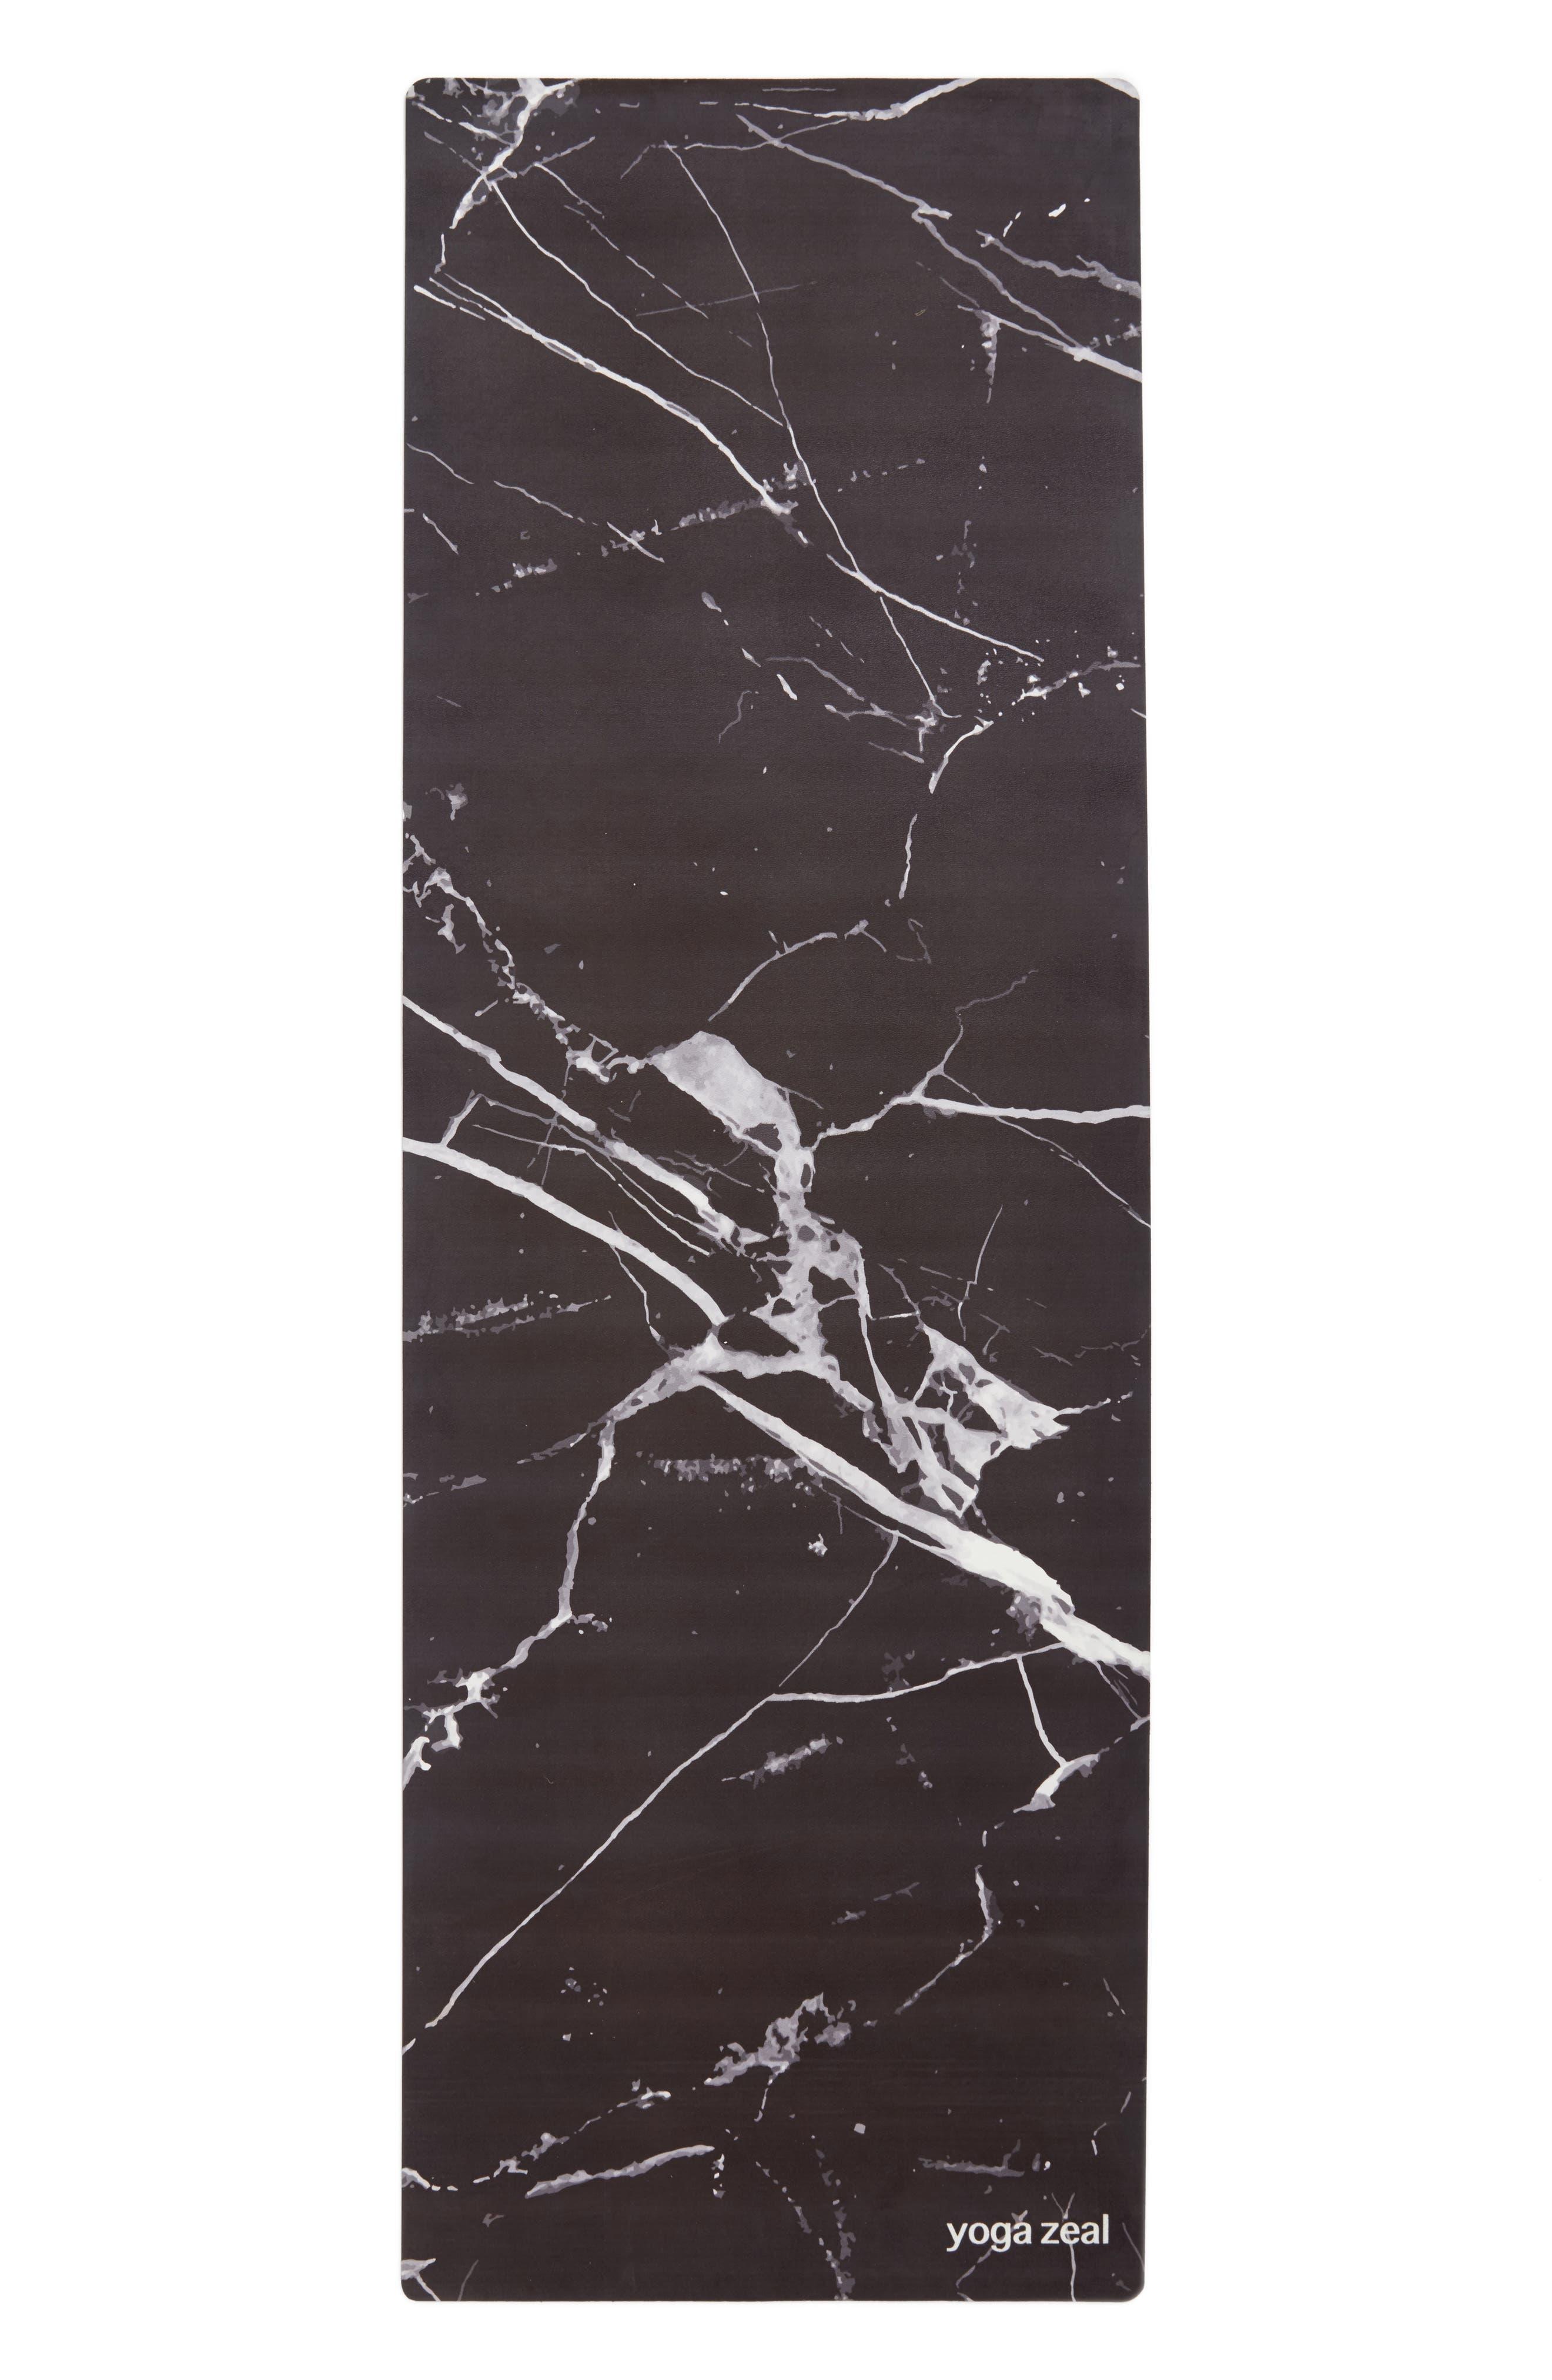 Main Image - Yoga Zeal Marble Print Yoga Mat